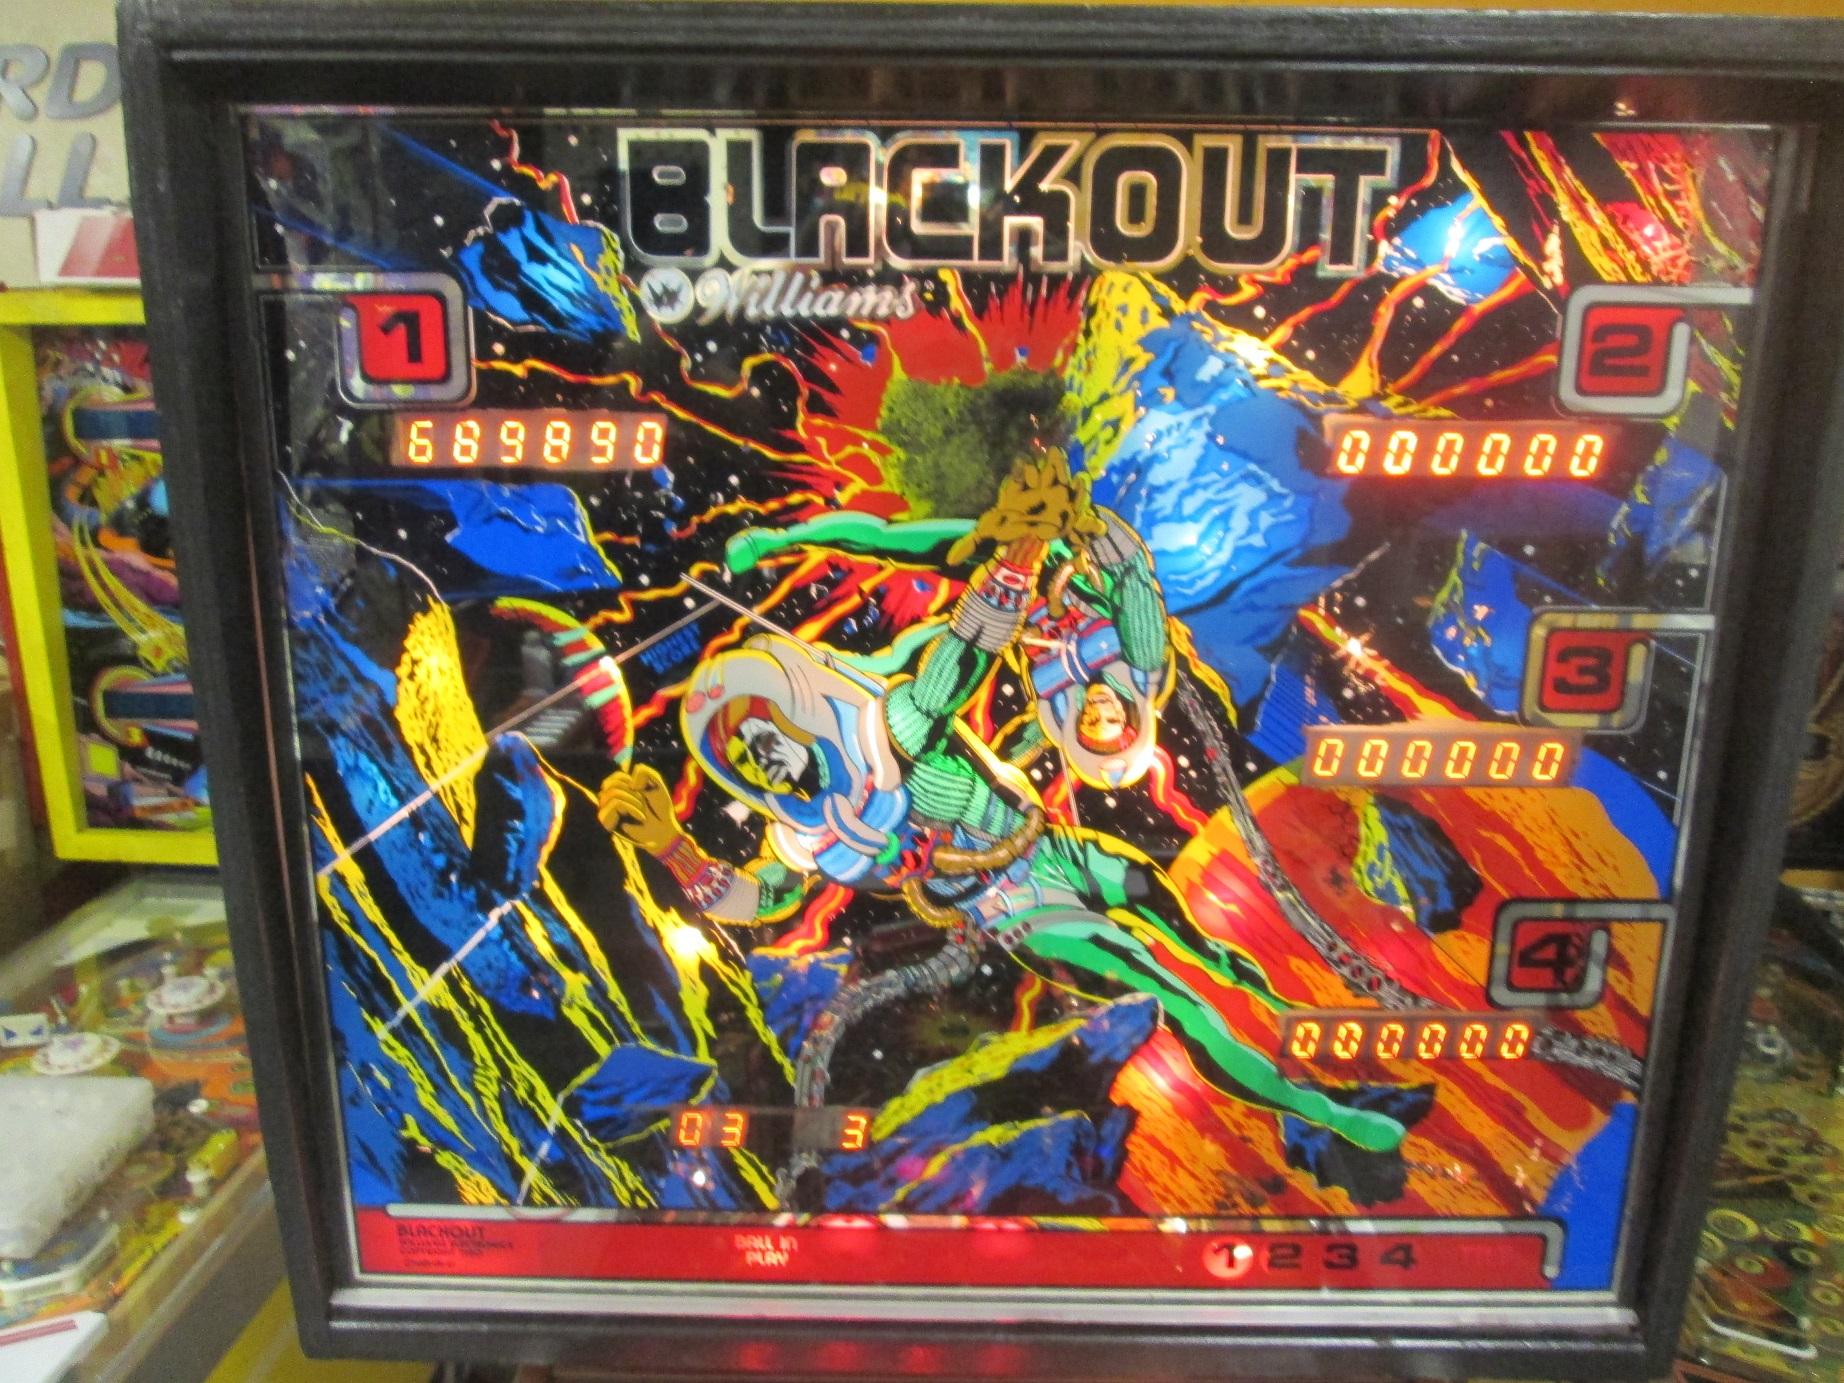 Blackout8